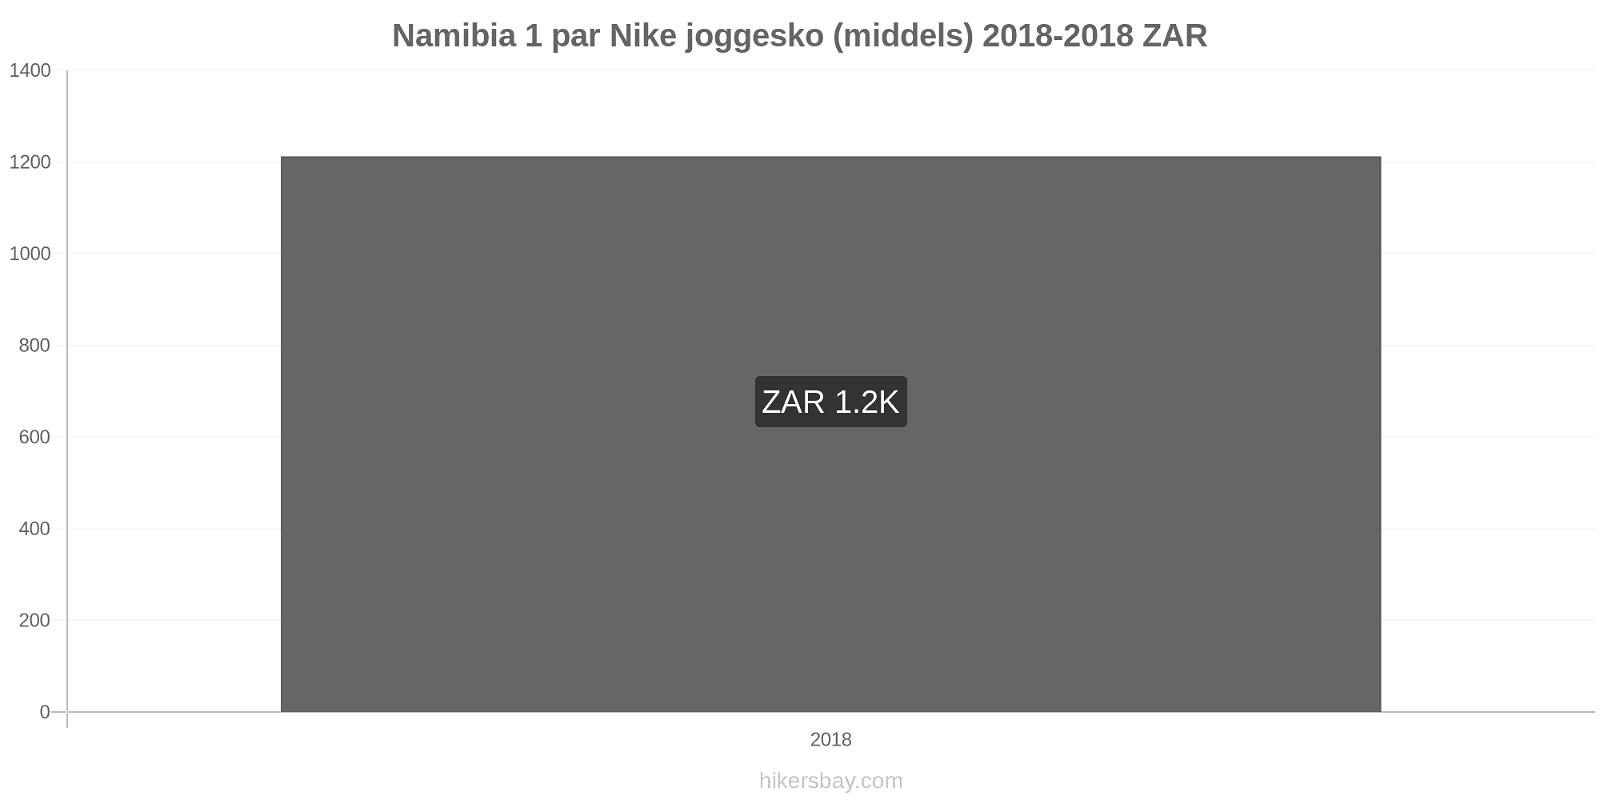 Namibia prisendringer 1 par Nike joggesko (middels) hikersbay.com